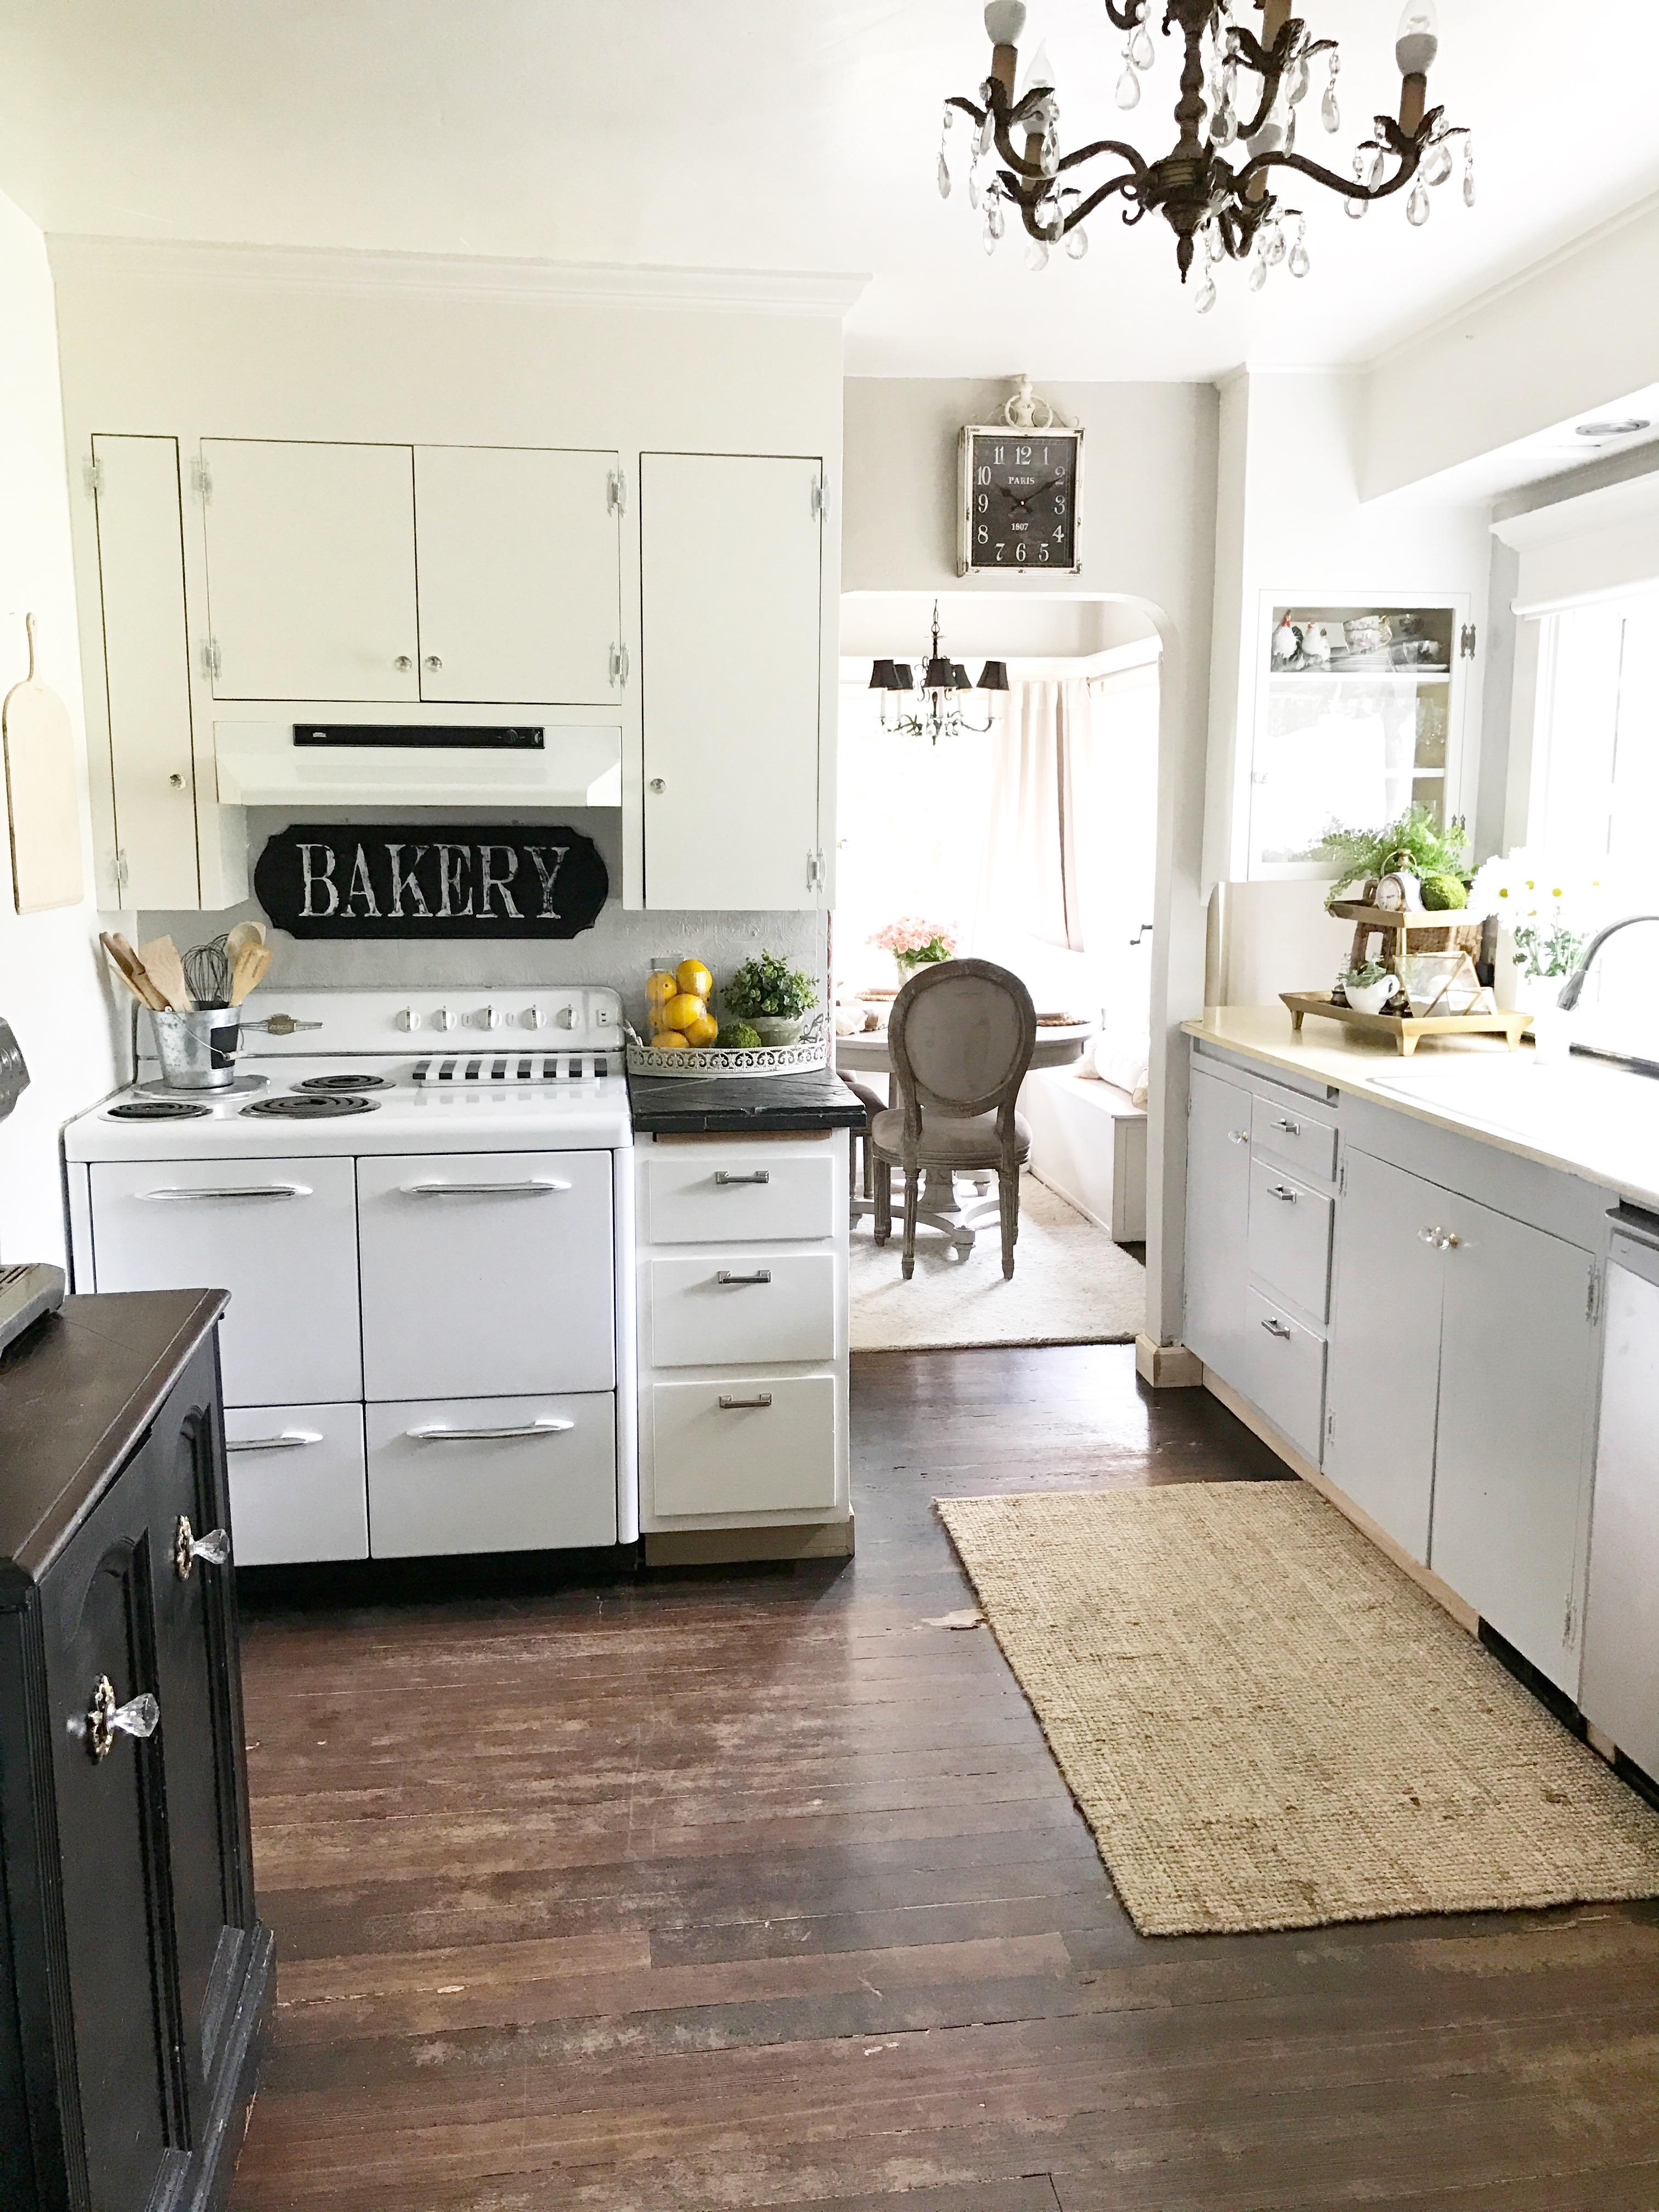 Updating Your Farmhouse Kitchen Under $1000